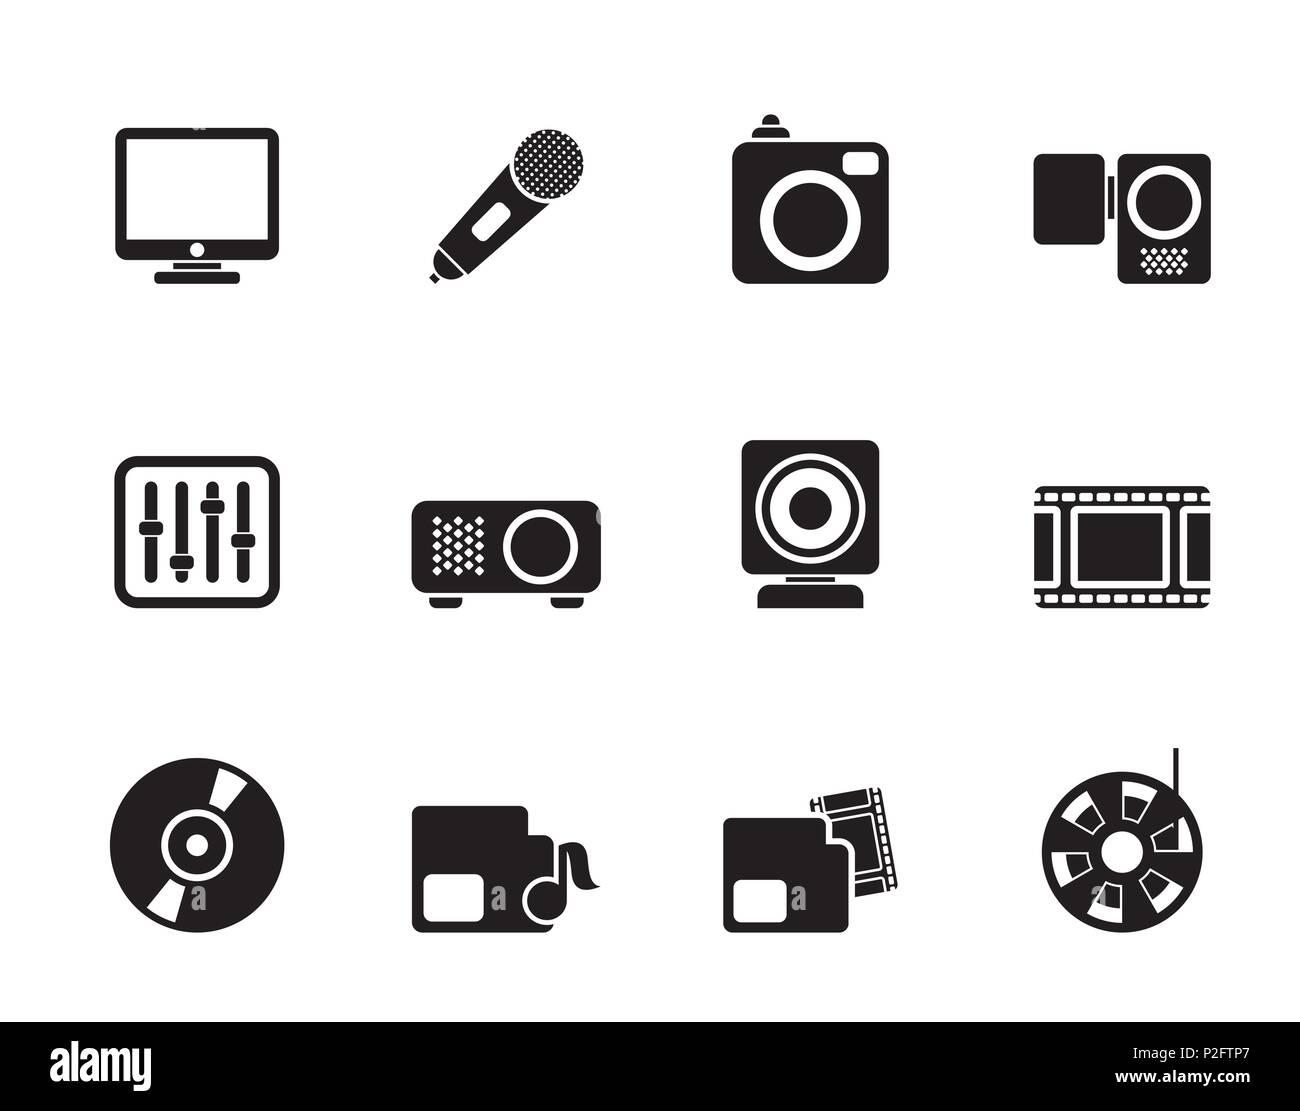 Silhouette apparecchiature multimediali icone - vettore icona impostare Immagini Stock